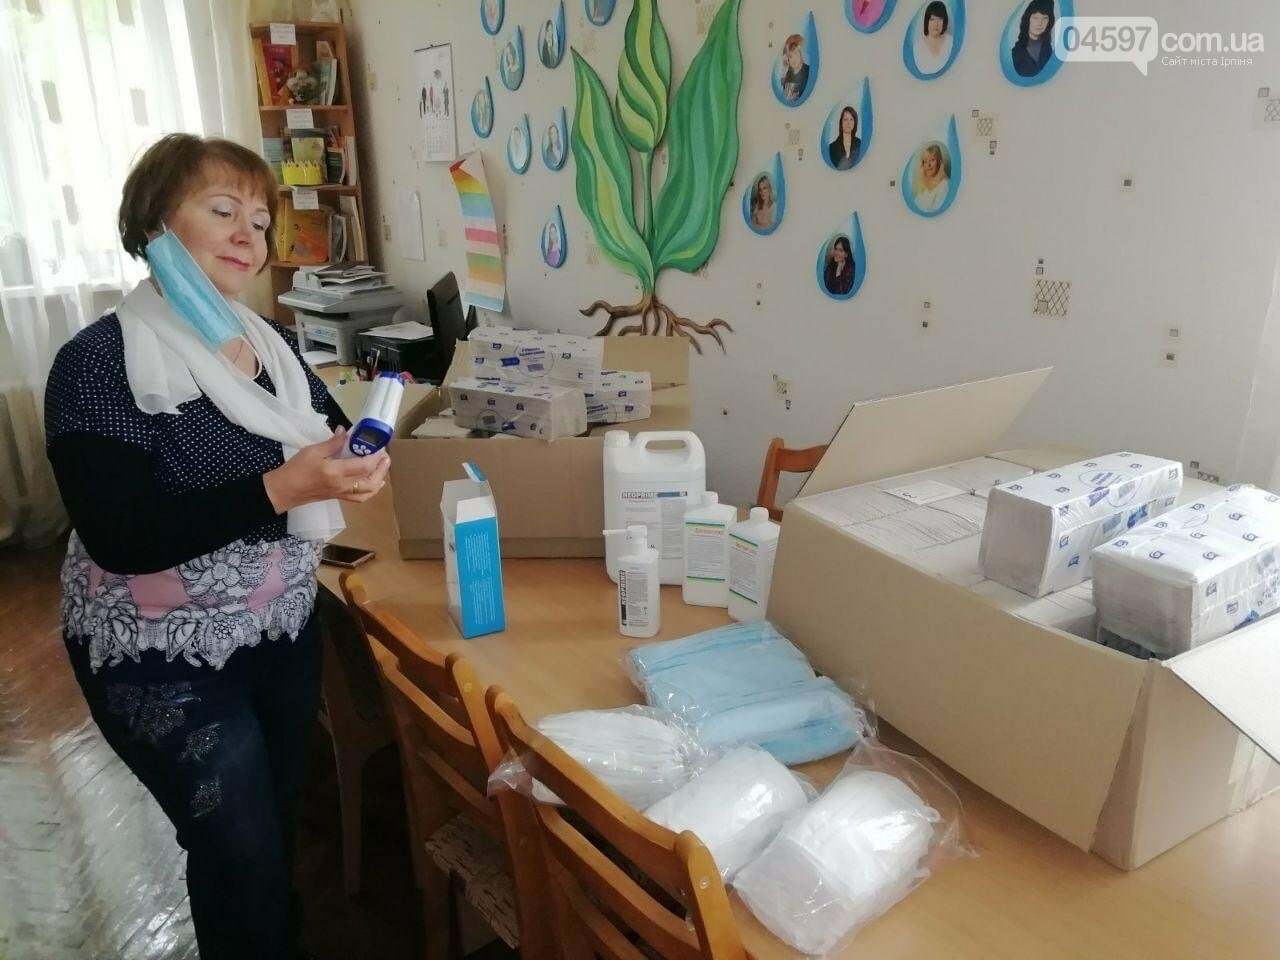 В ірпінські садочки закупили термометри, маски та дезінфектори на 100 тисяч гривень, фото-2